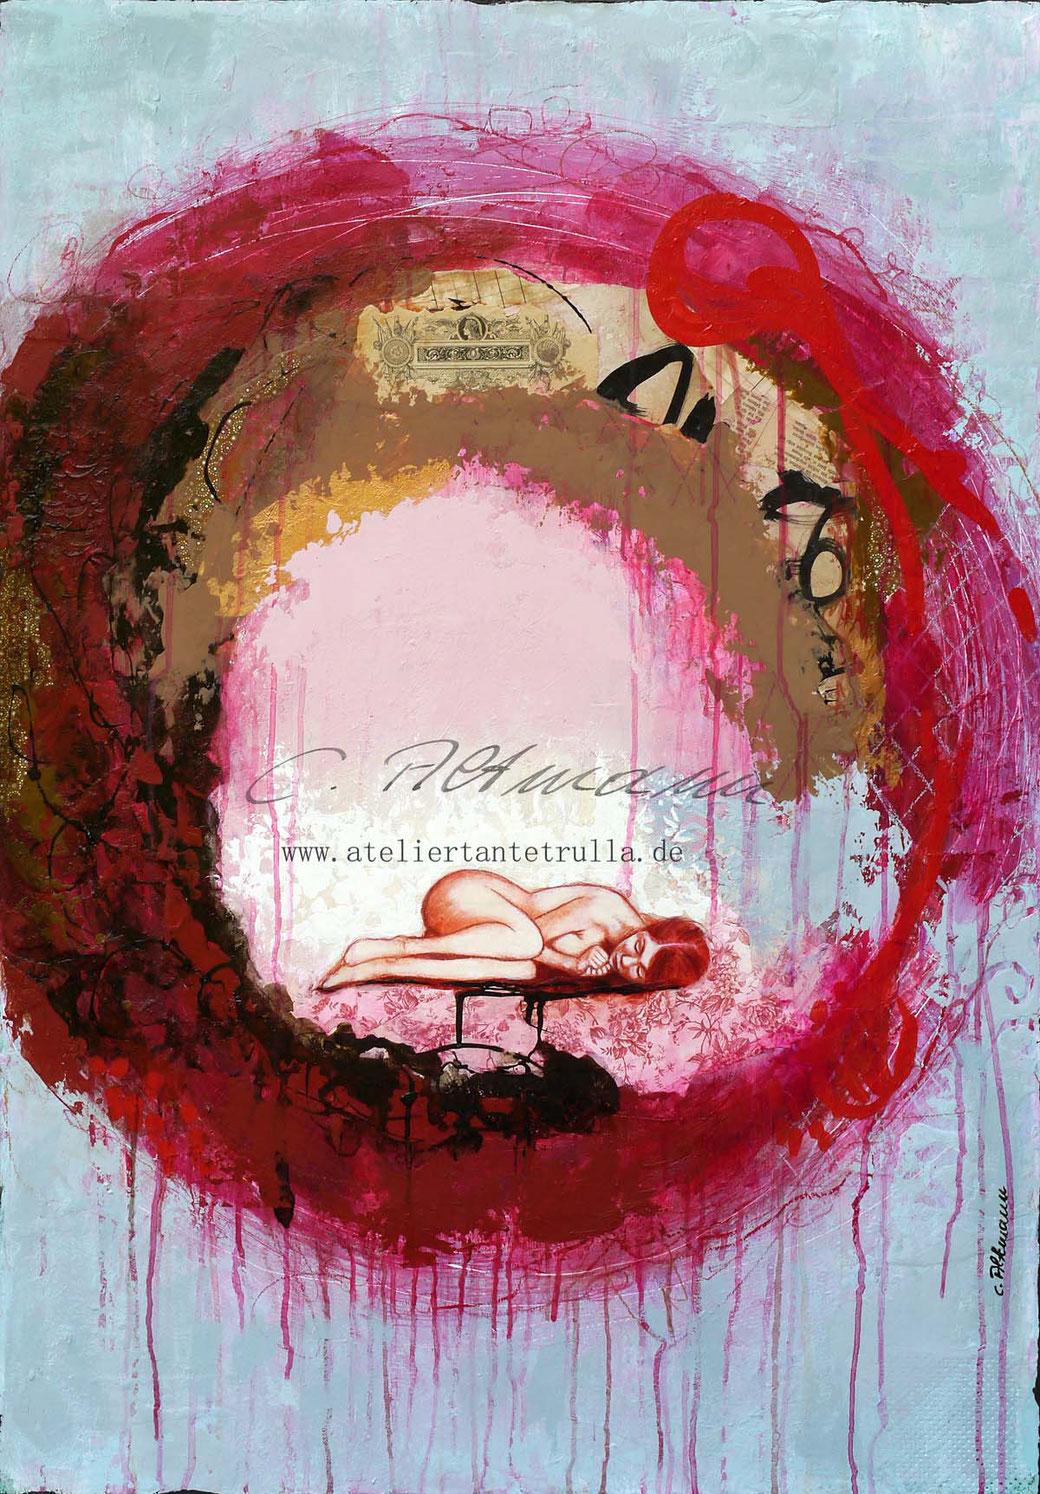 abstraktes rotes Gemaelde mit schlafendem Maedchen im Nest